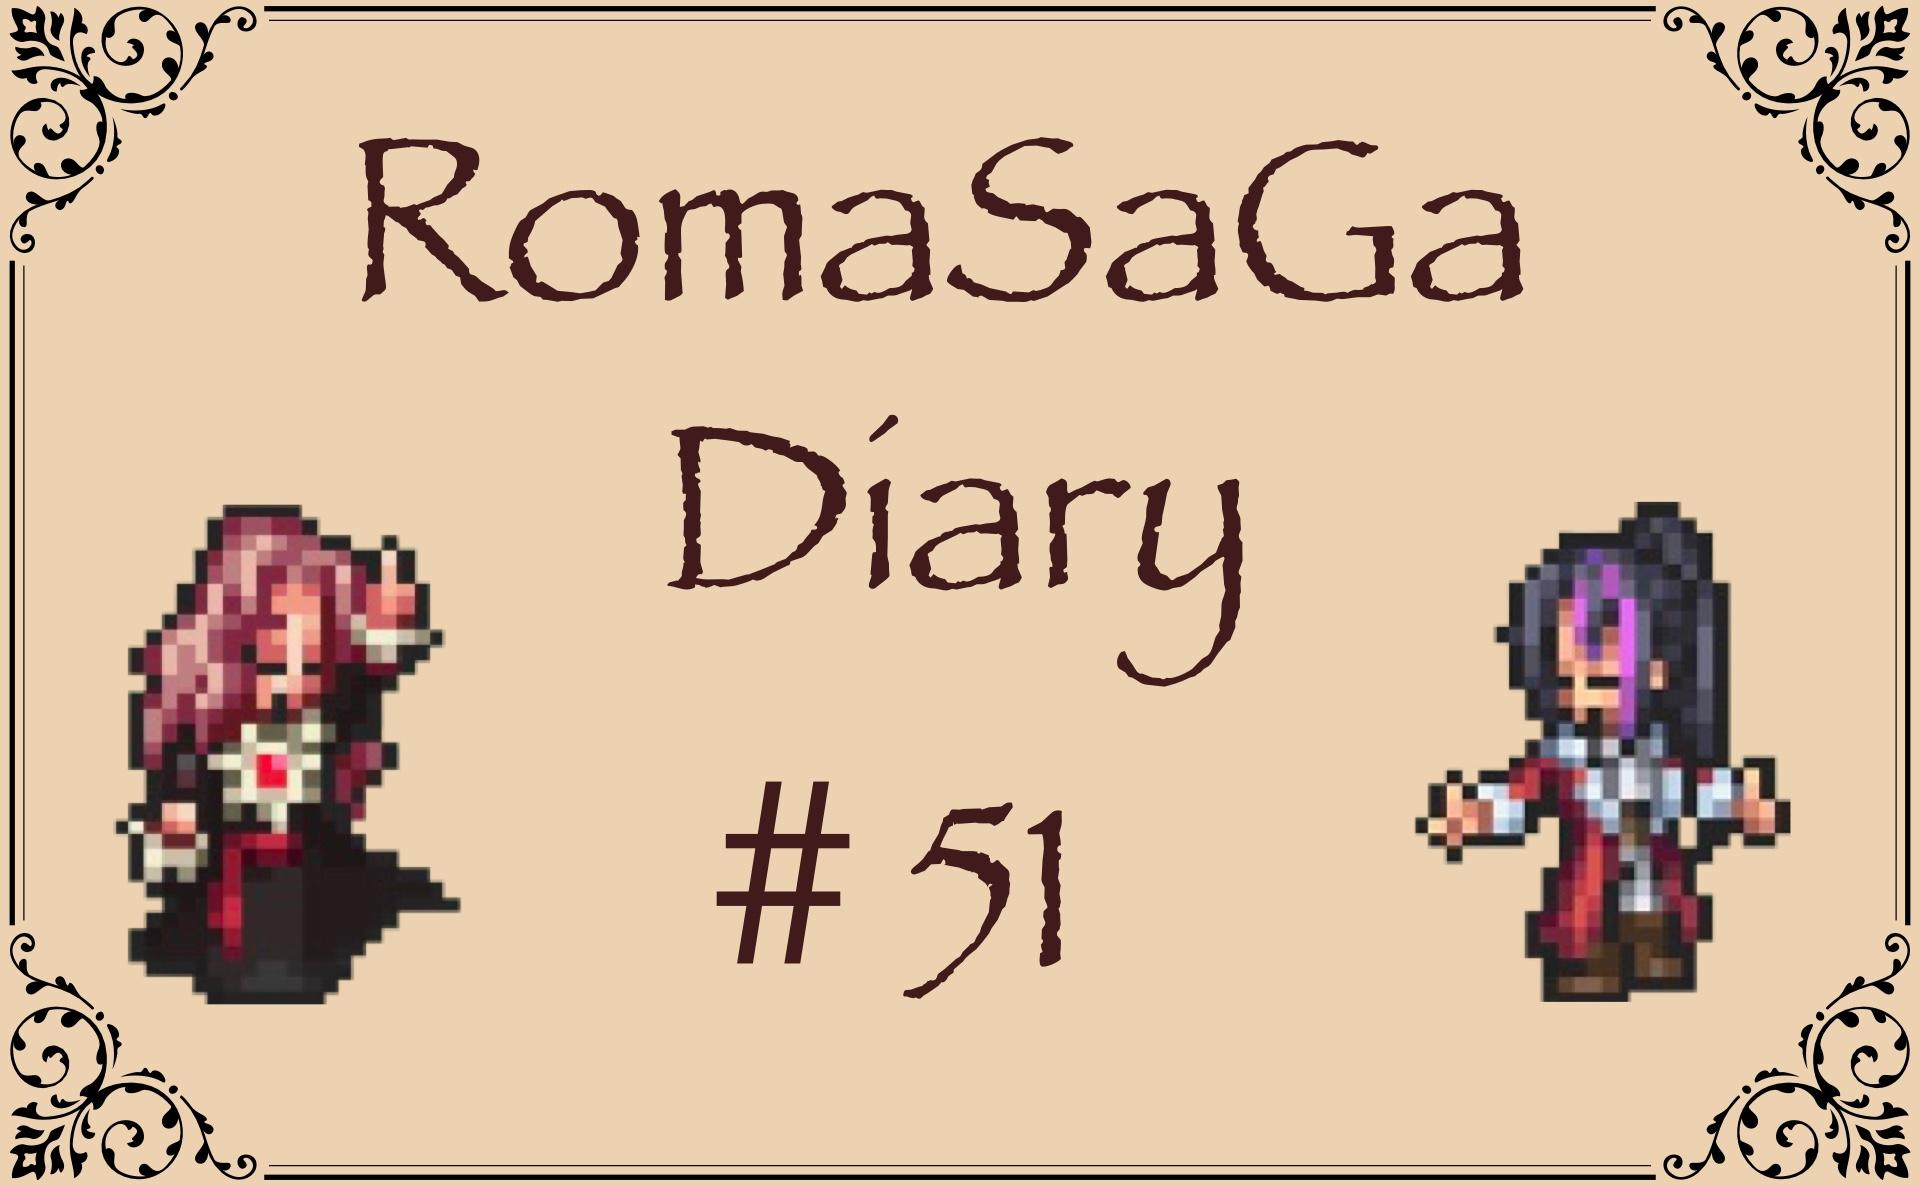 ロマサガDiary#51